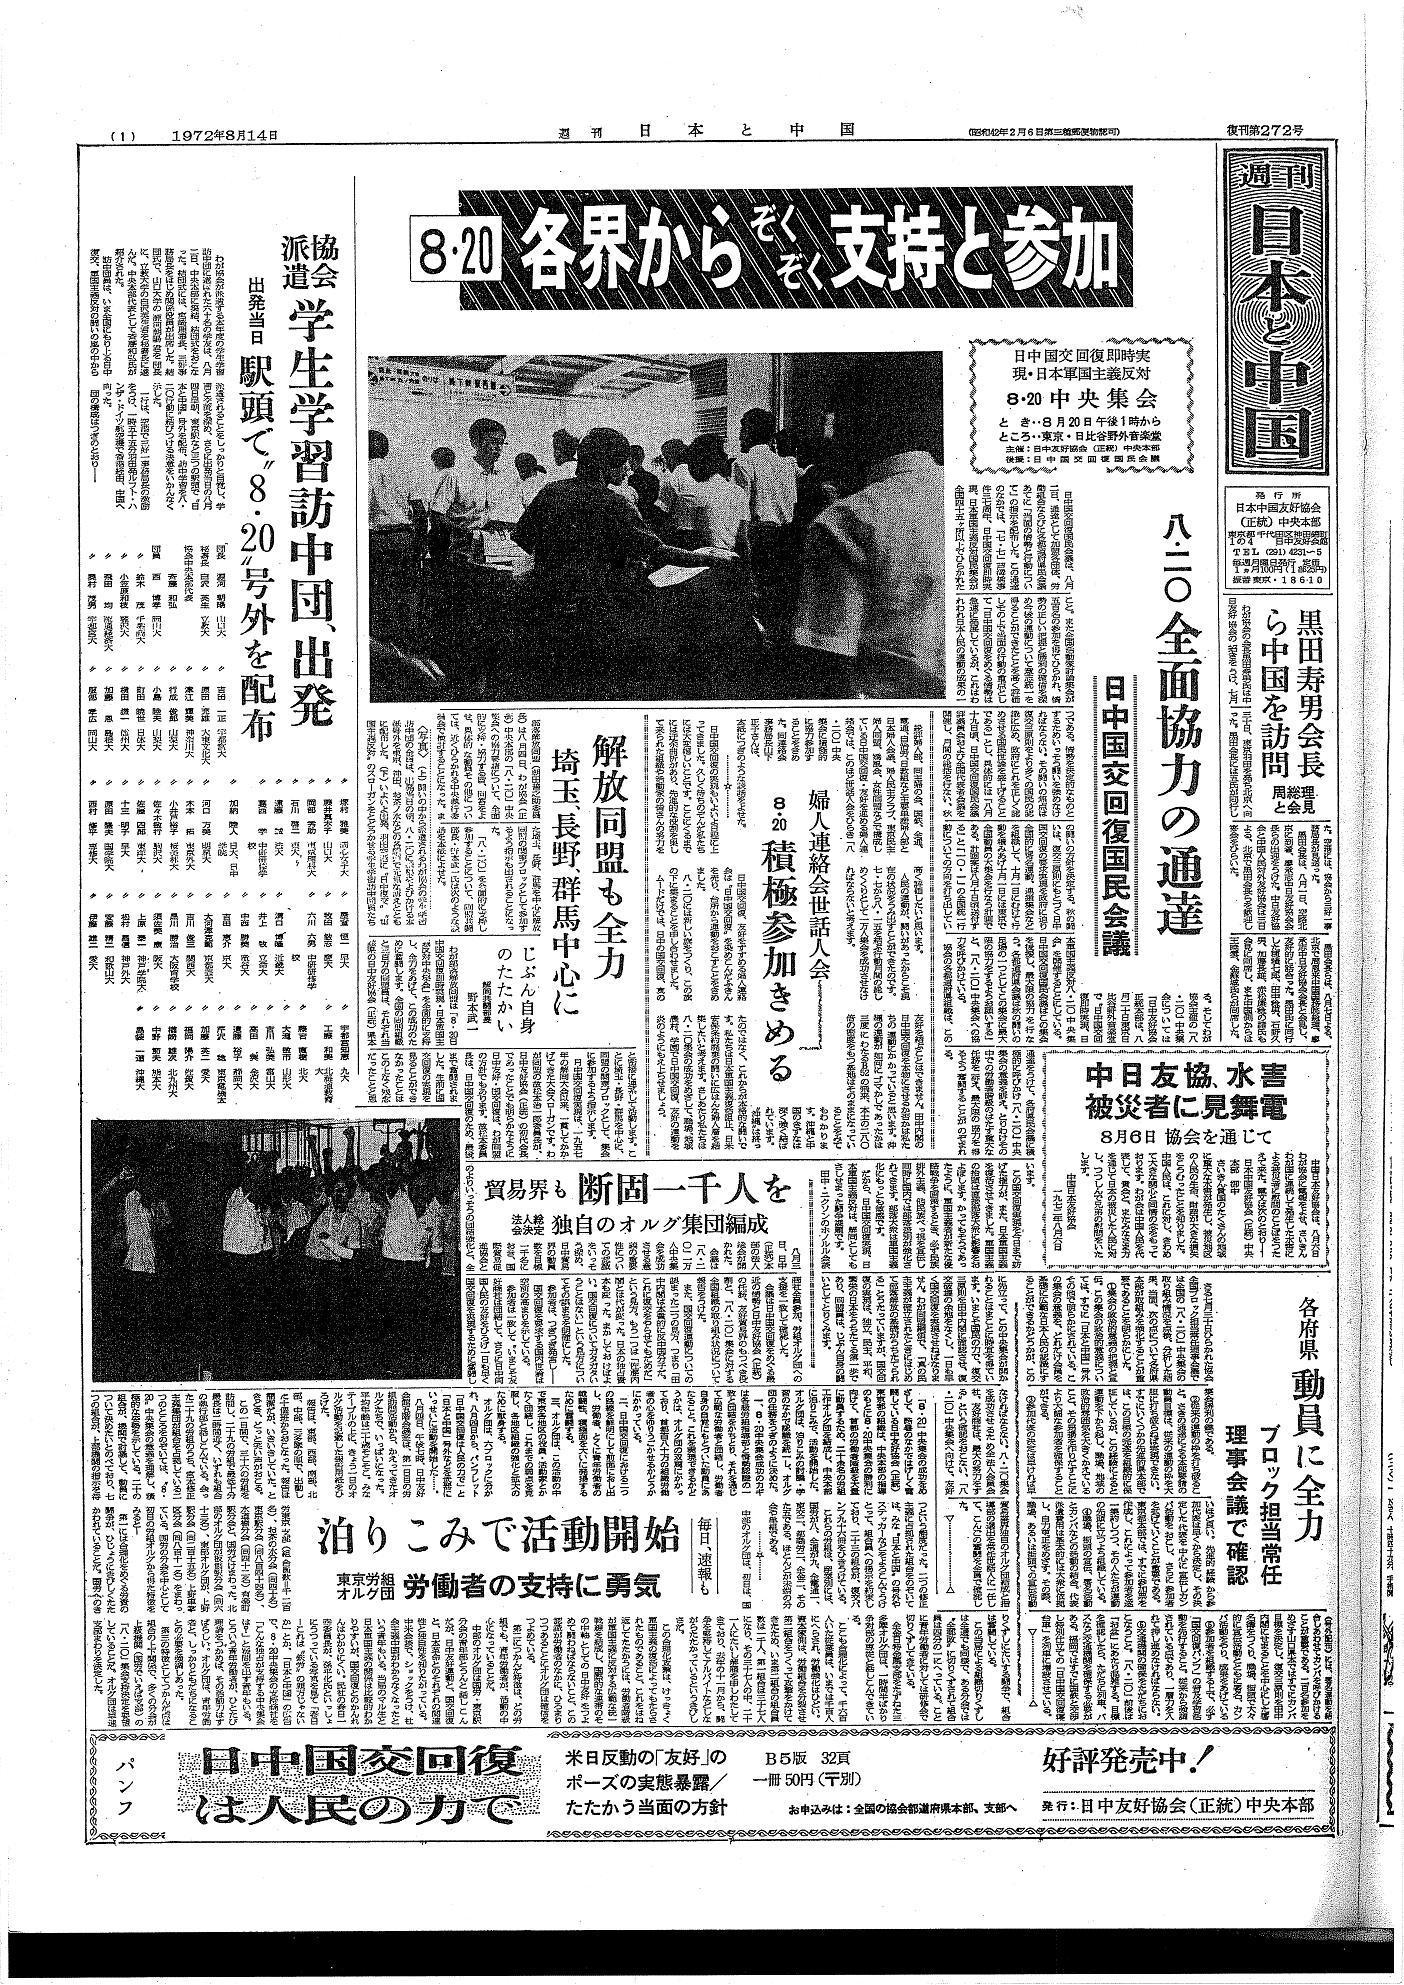 極左集団「日共左派・毛沢東派」元幹部が小沢さんを検察審査会にチクッた。